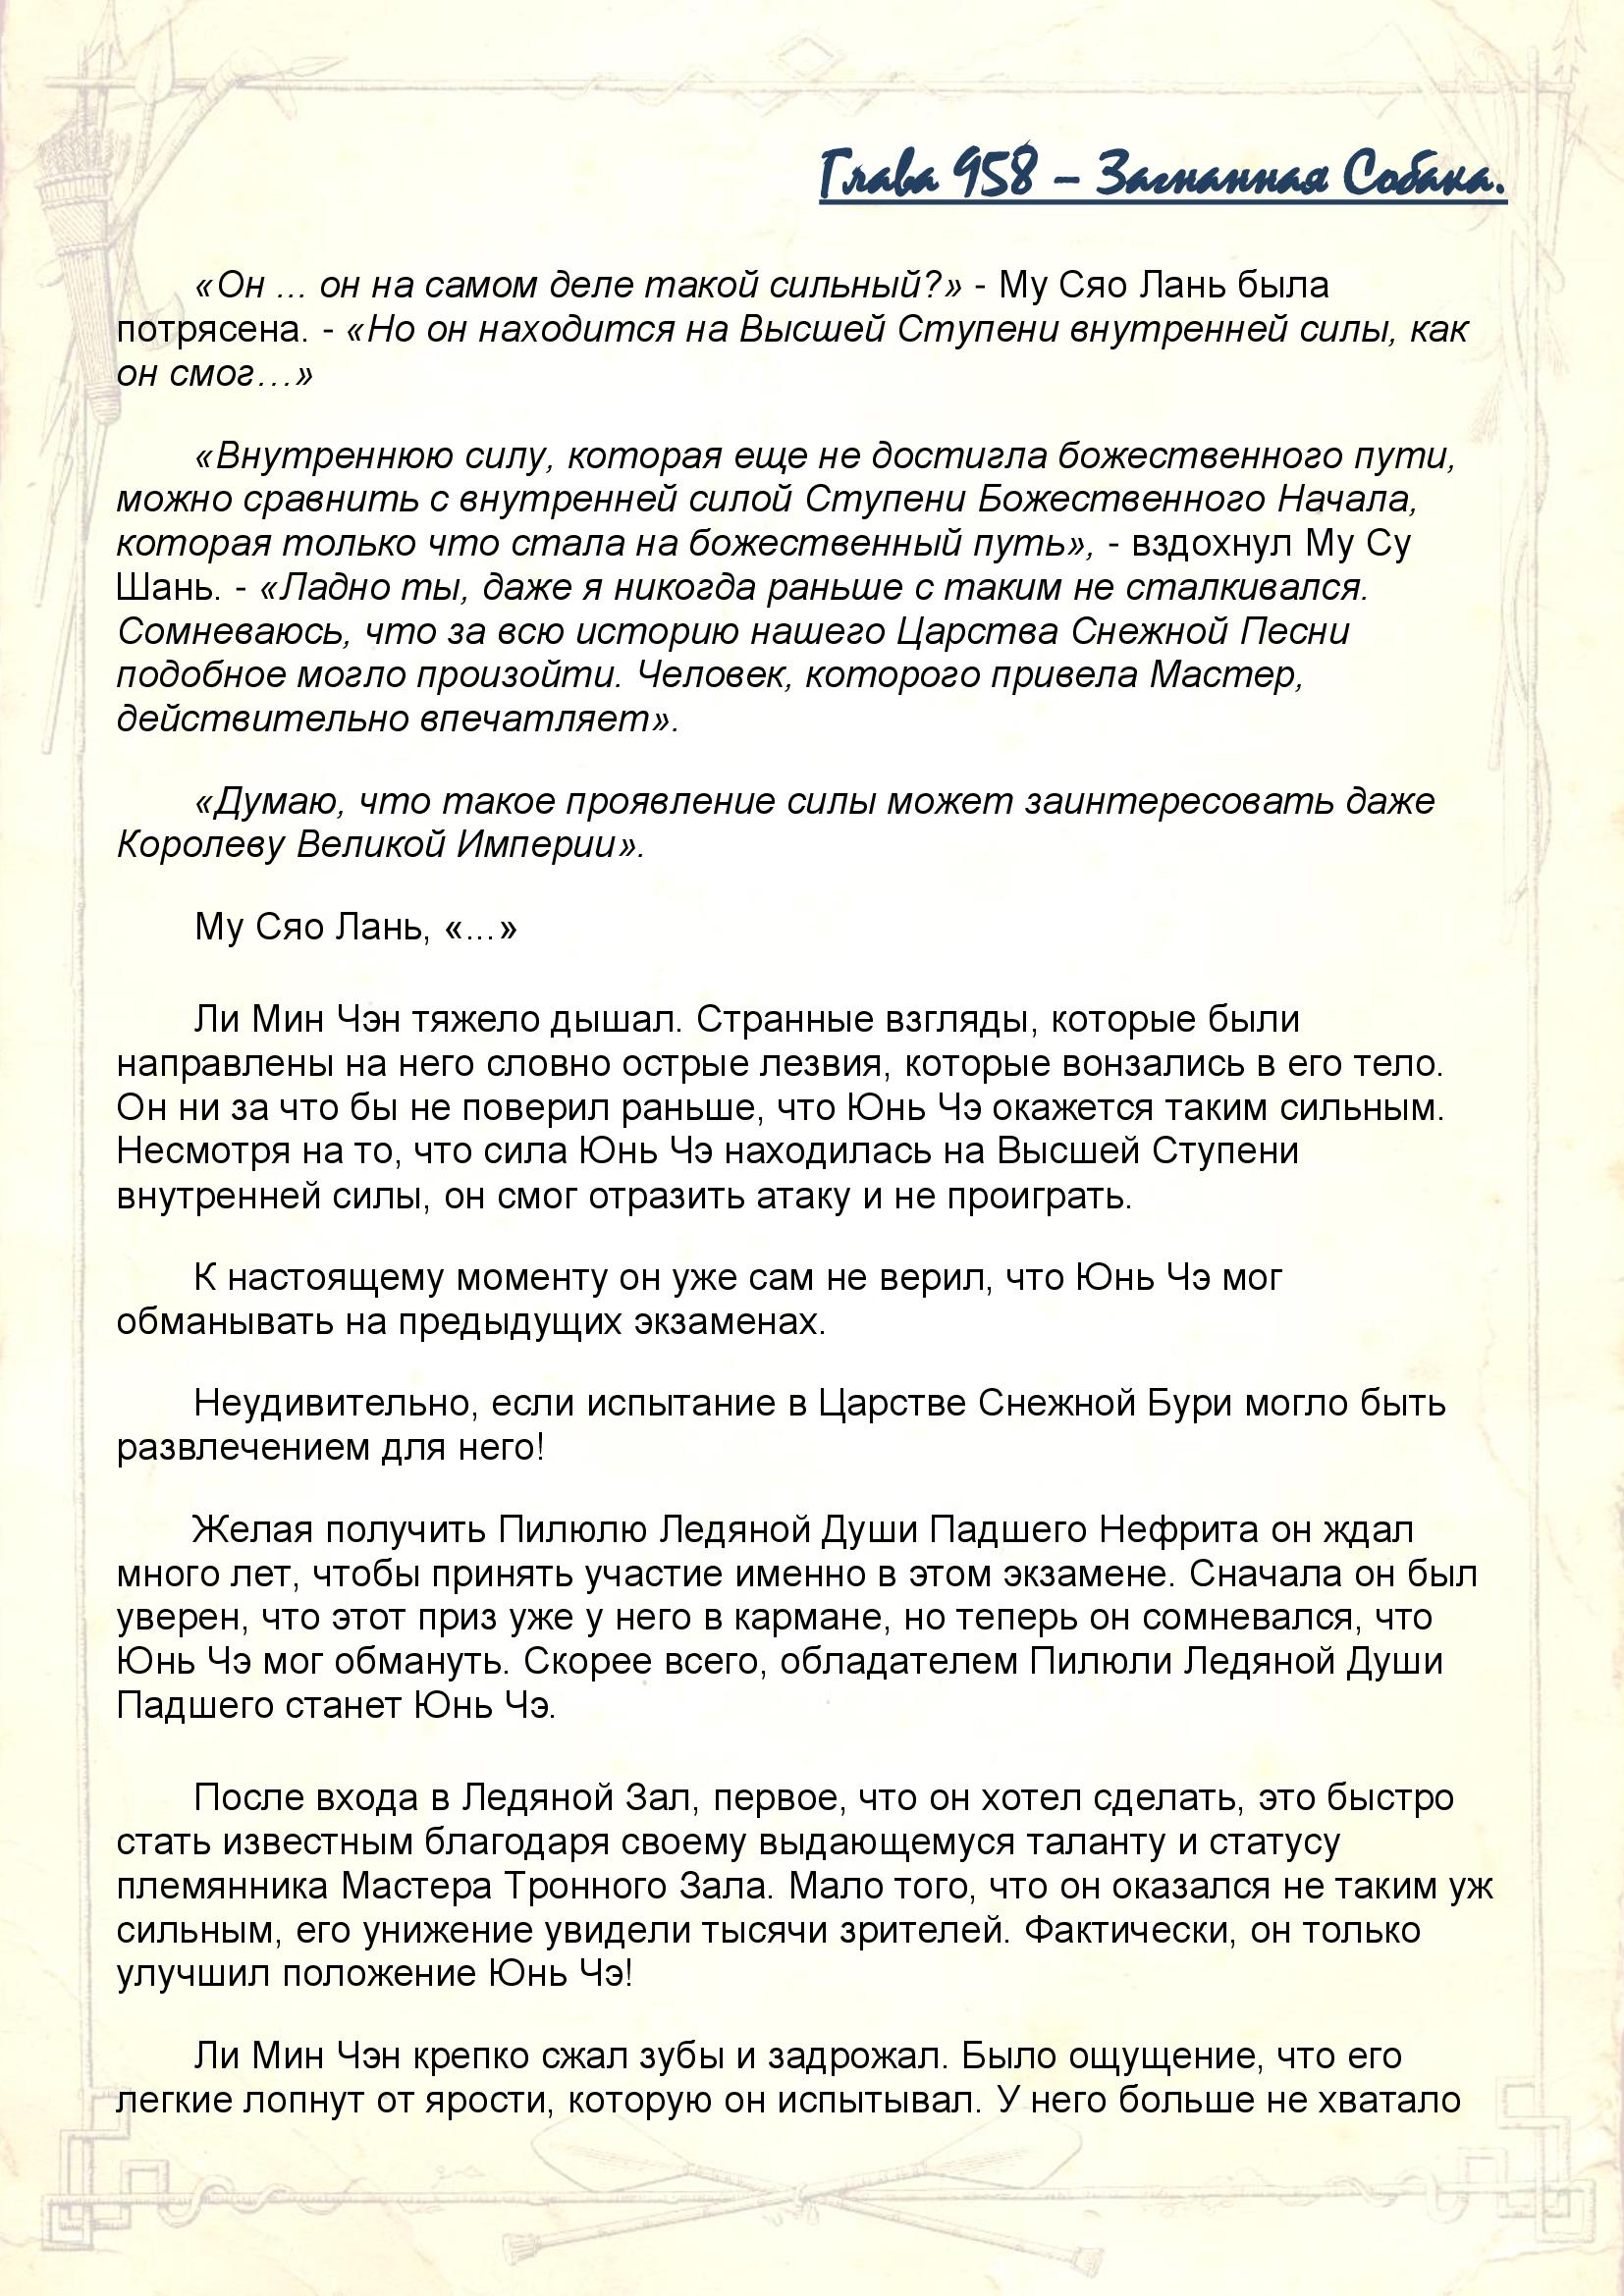 Восставший против Неба v9 - 958